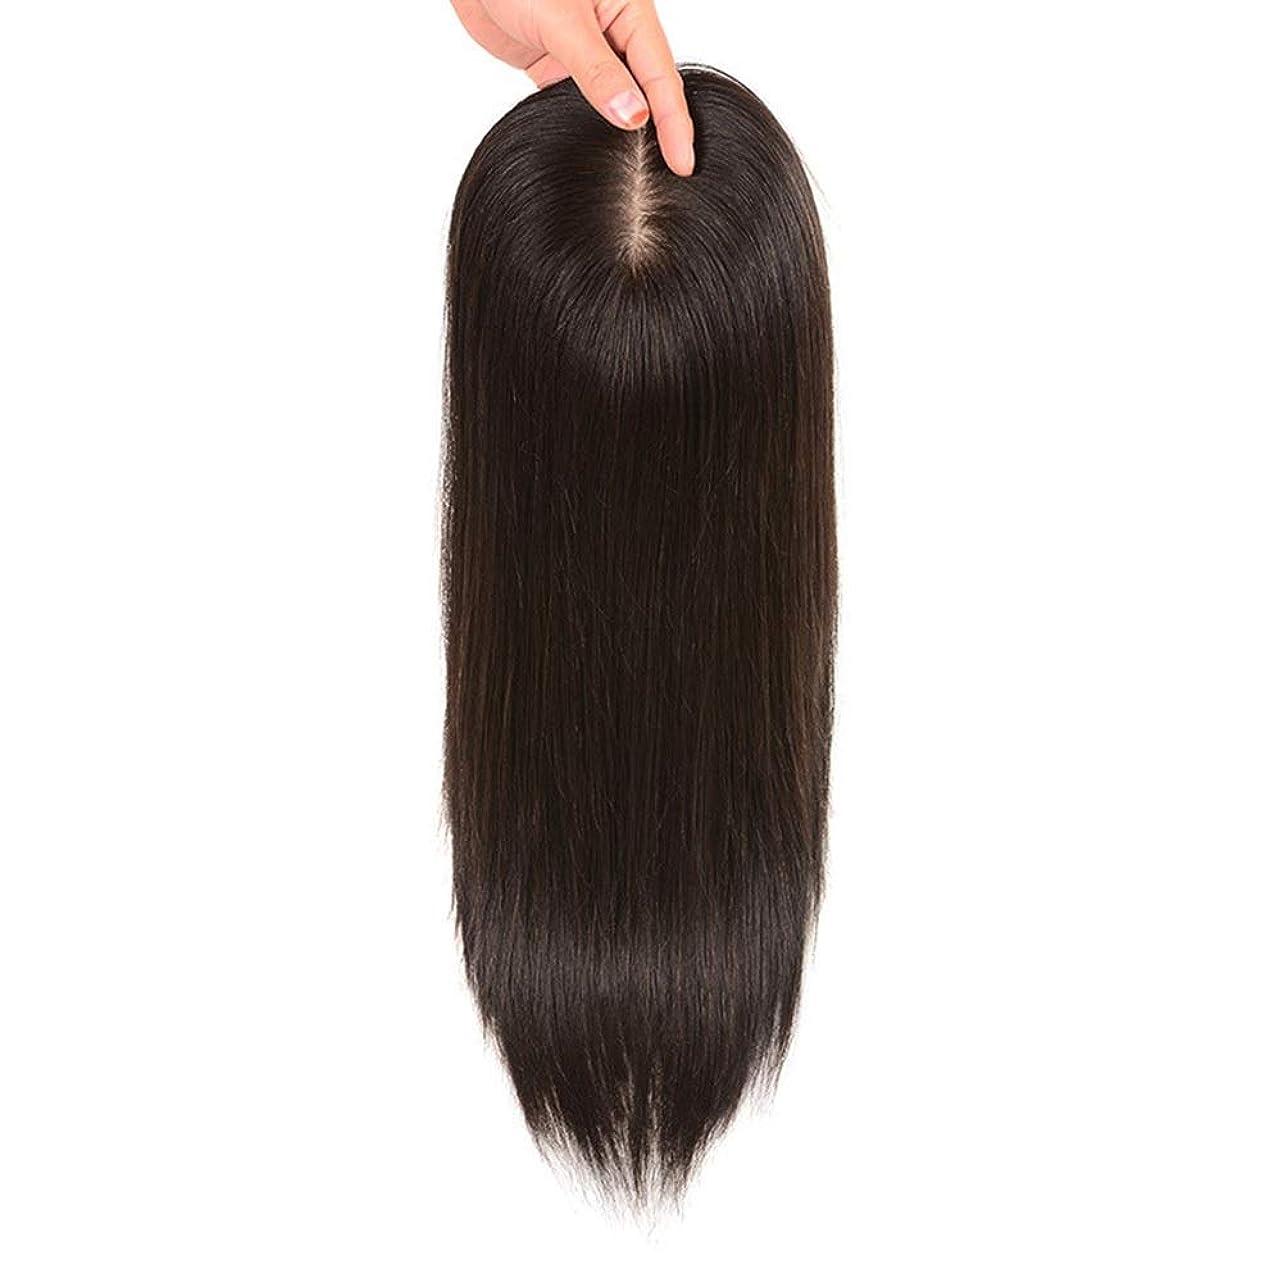 原始的なジャーナル提供されたHOHYLLYA 女性の長いストレートヘアクリップヘアエクステンションで髪をかつら見えないパーティーかつらを増やす (色 : Natural black, サイズ : [7x10]25cm)